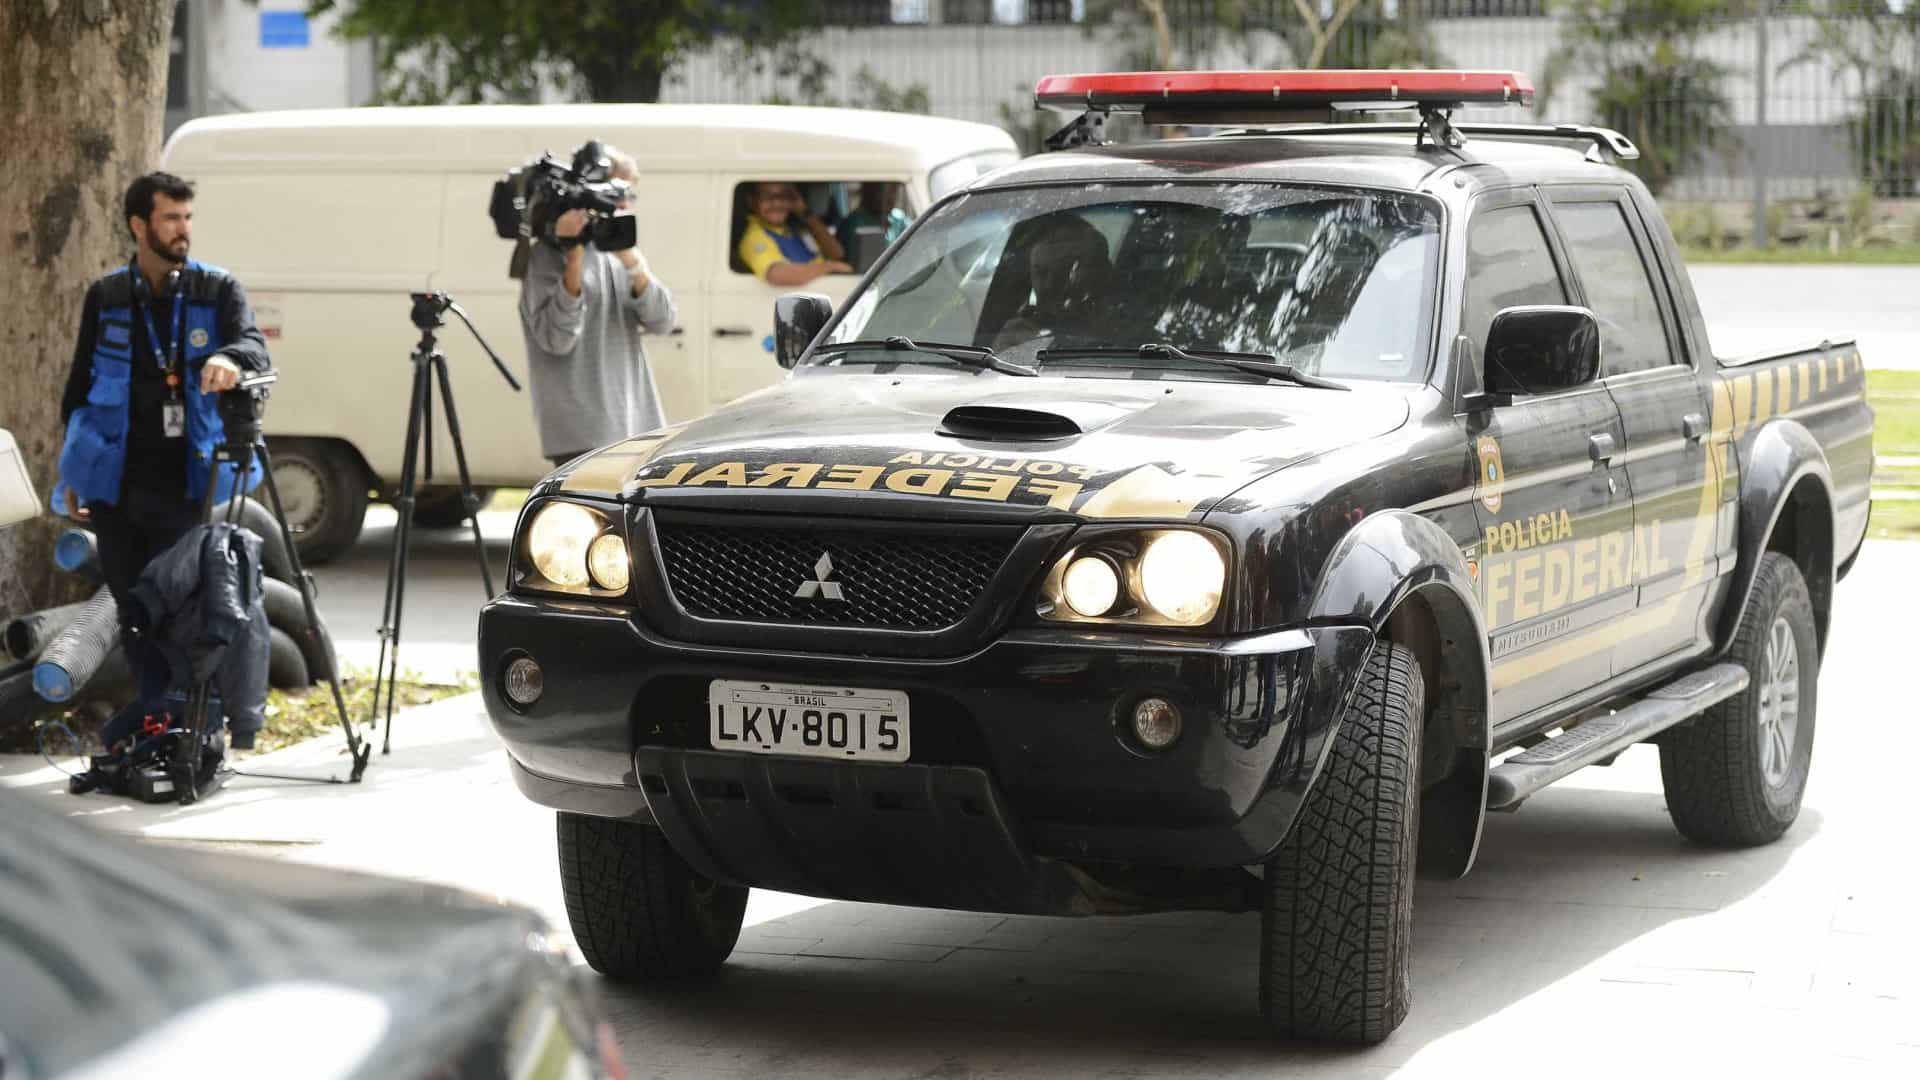 Políticos podem ter recebido dinheiro do tráfico, diz PF após operação